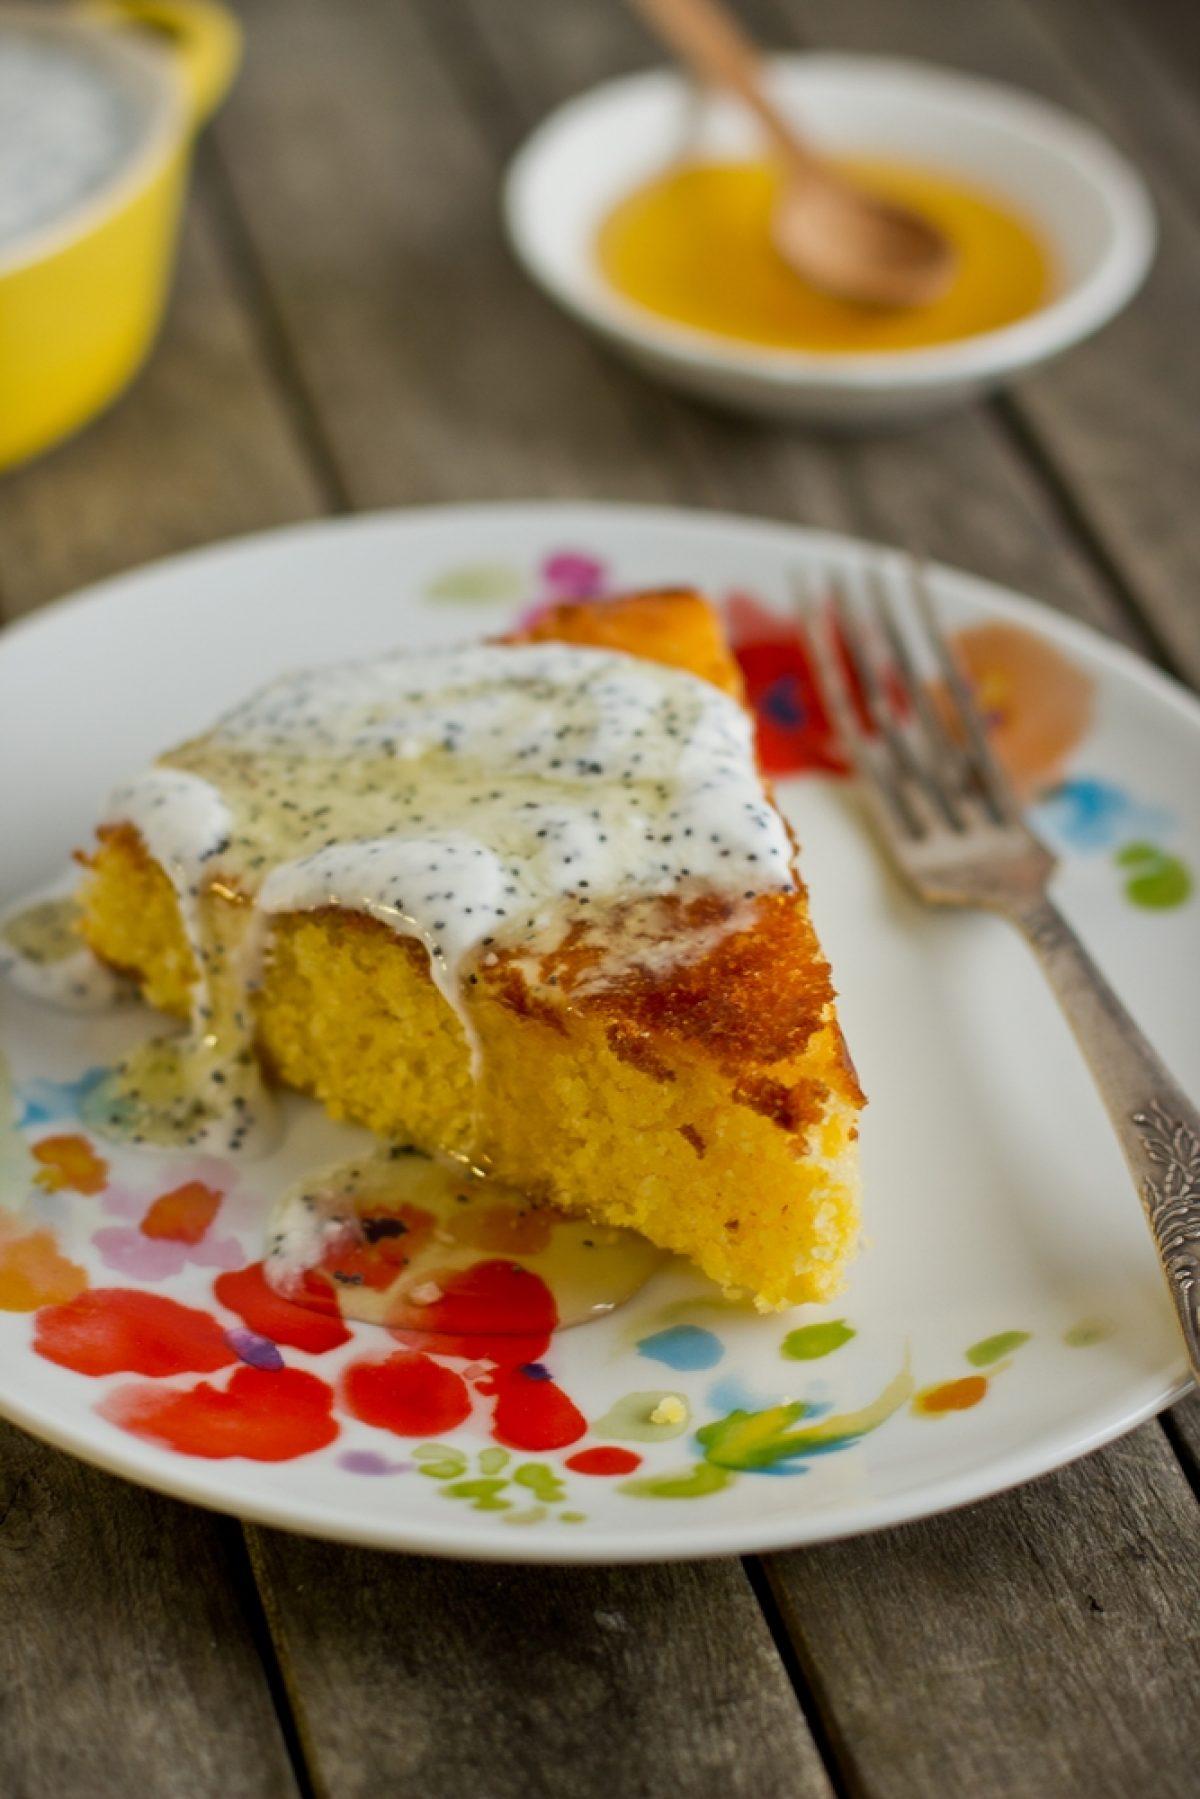 Ciasto cytrynowe z kaszką kukurydzianą (polentą) bezglutenowe i bez cukru